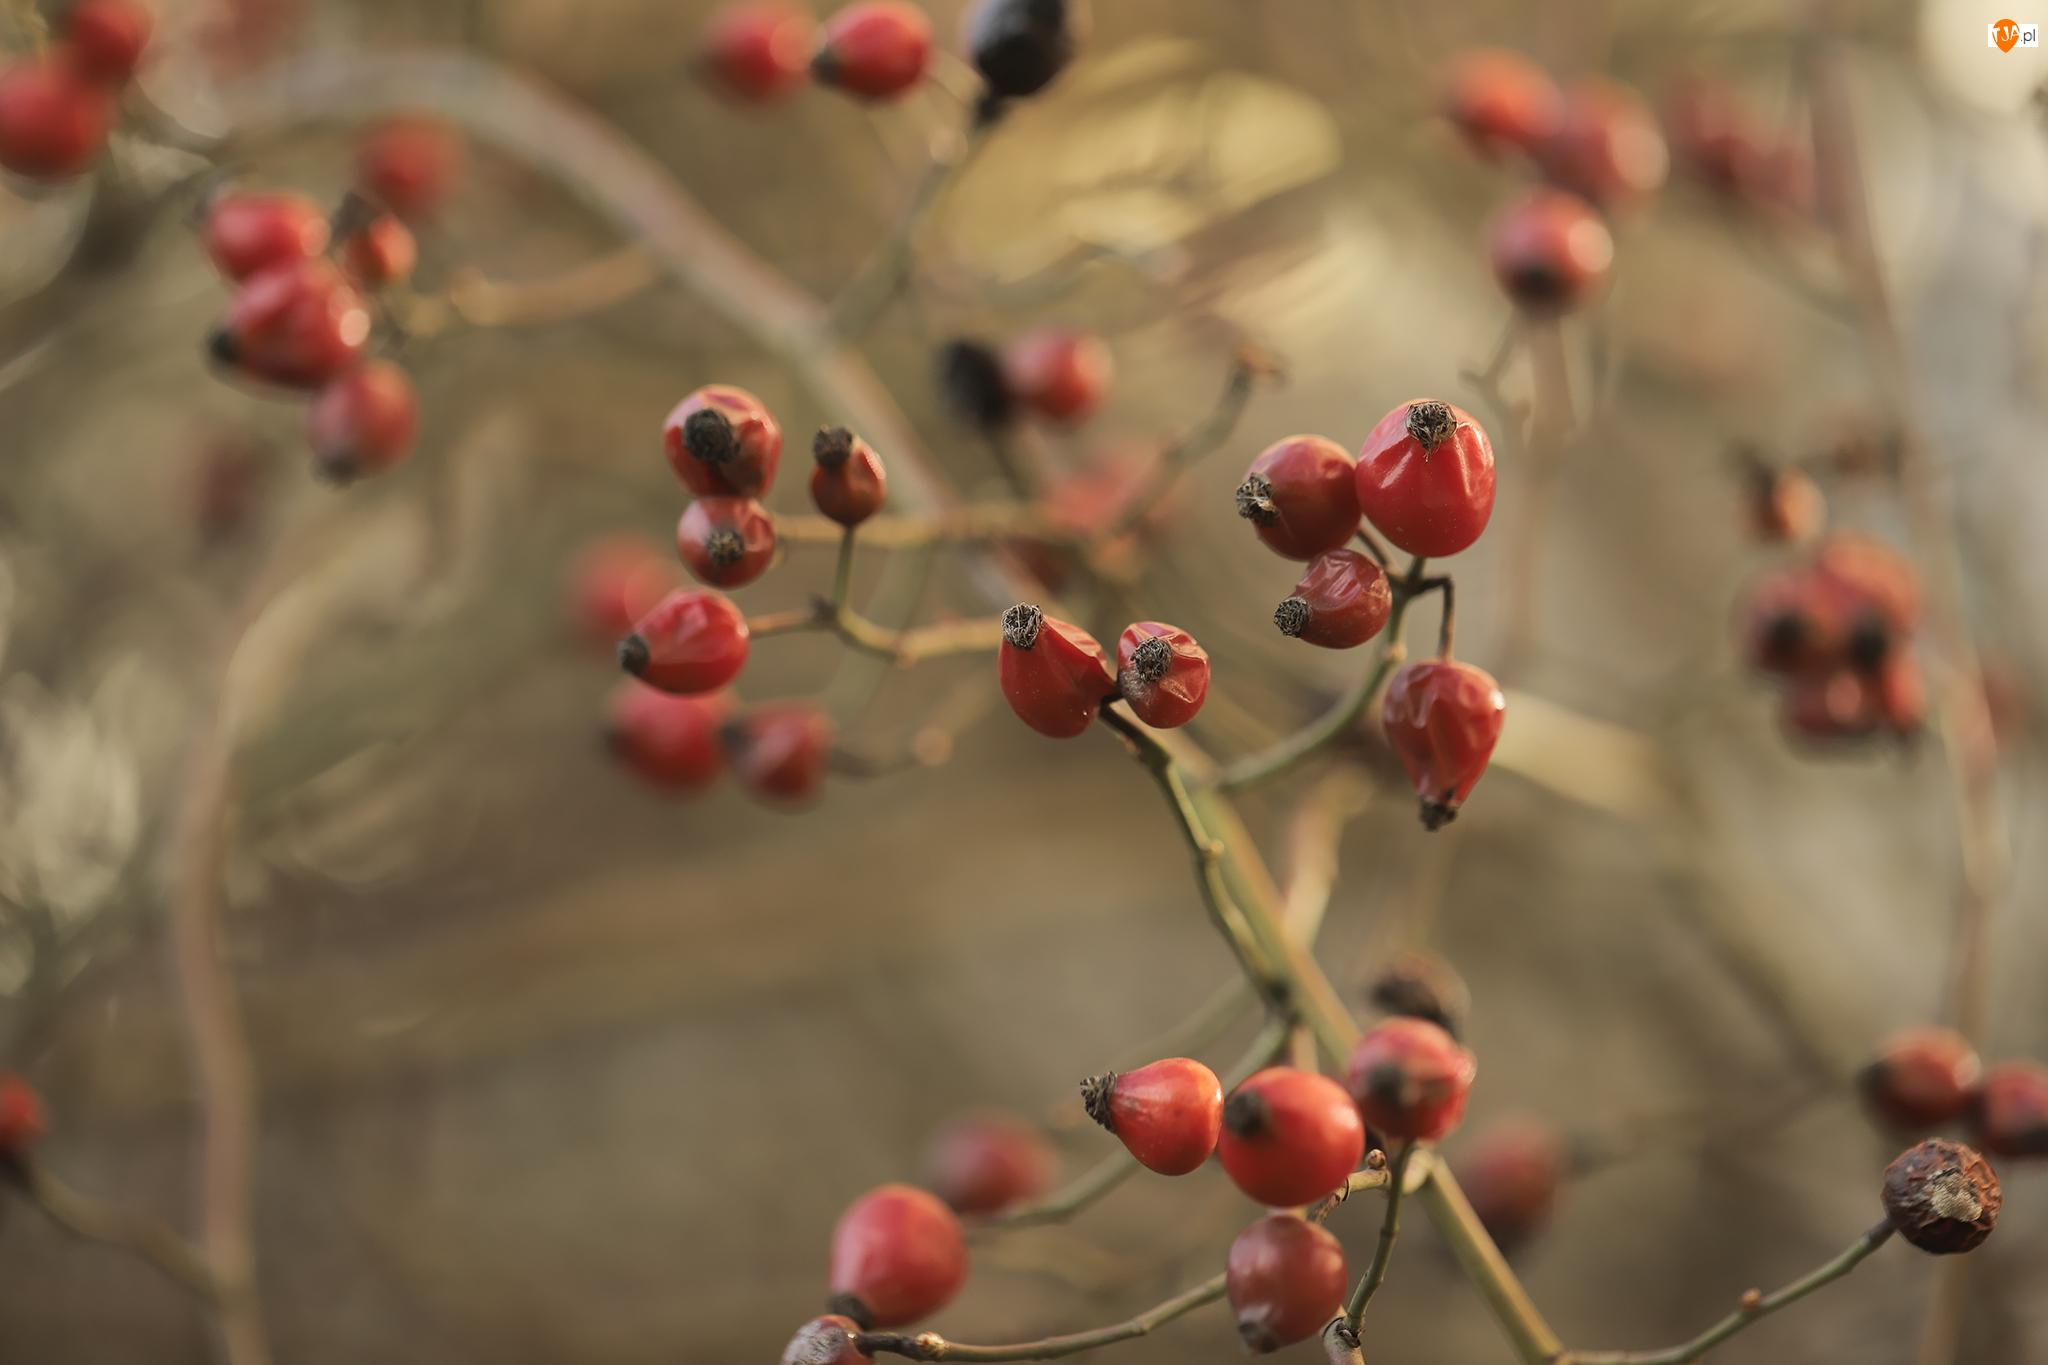 Owoce, Dzika róża, Czerwone